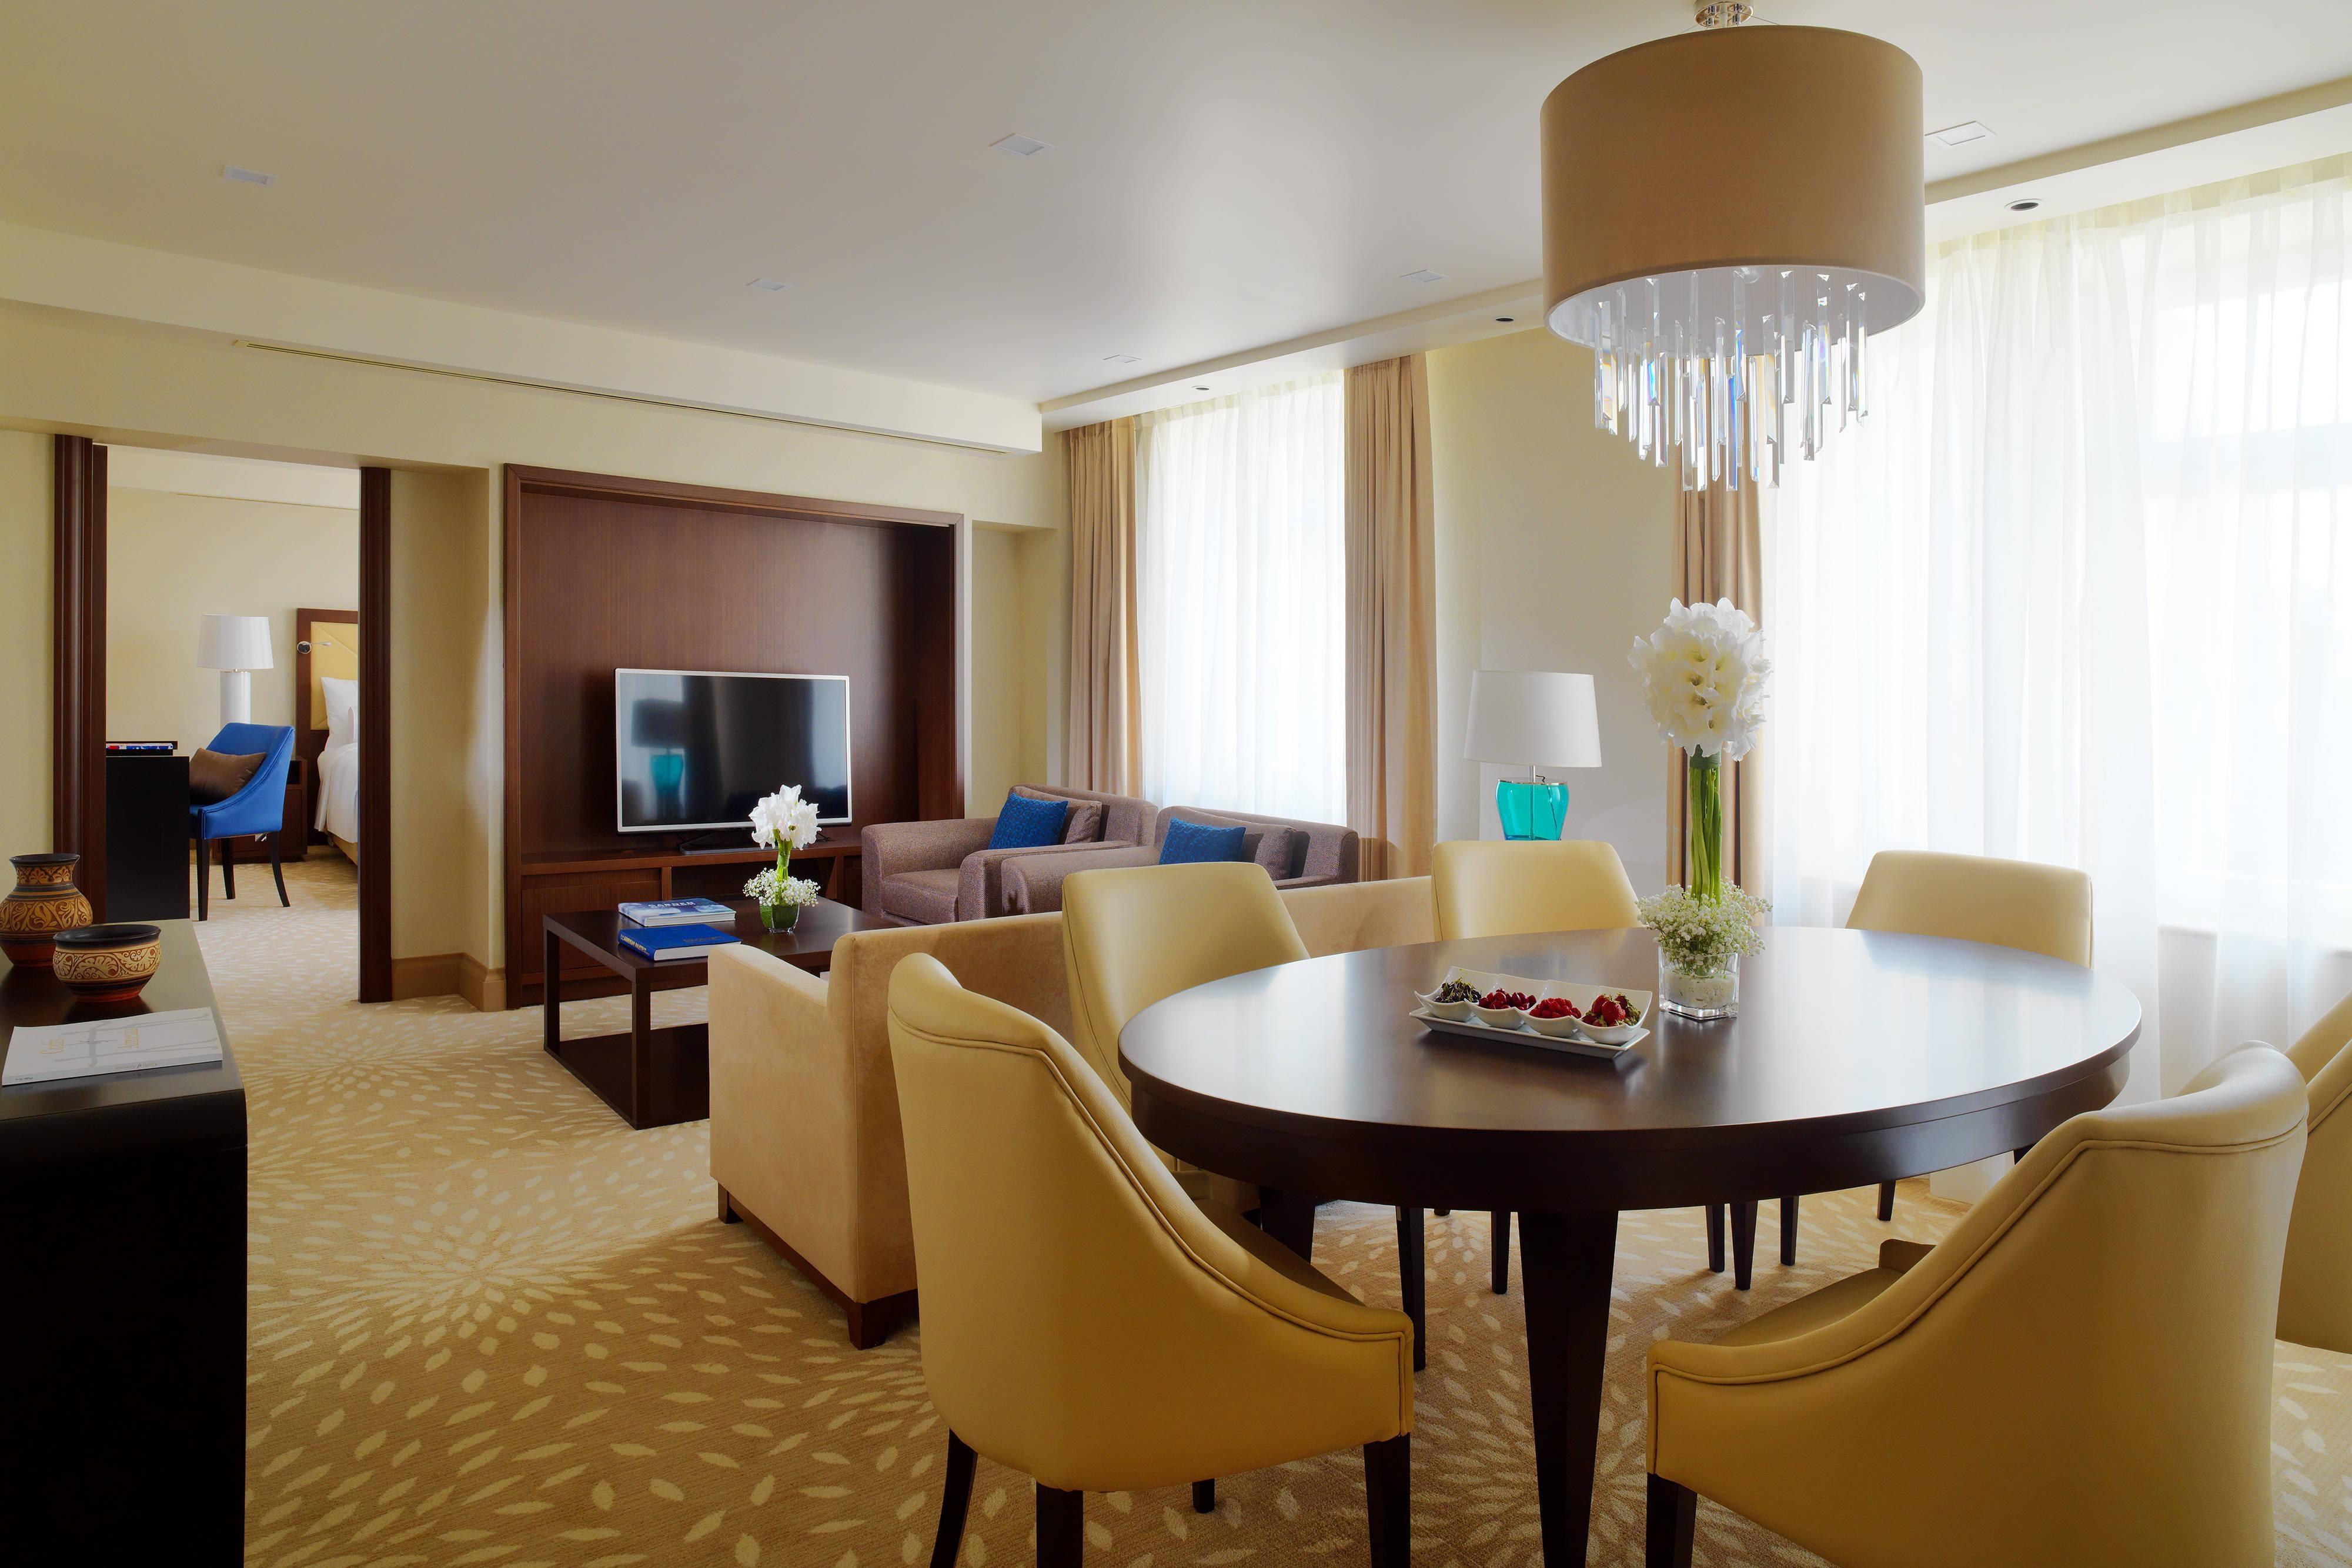 Suites en Ereván - Suite de lujo de Marriott